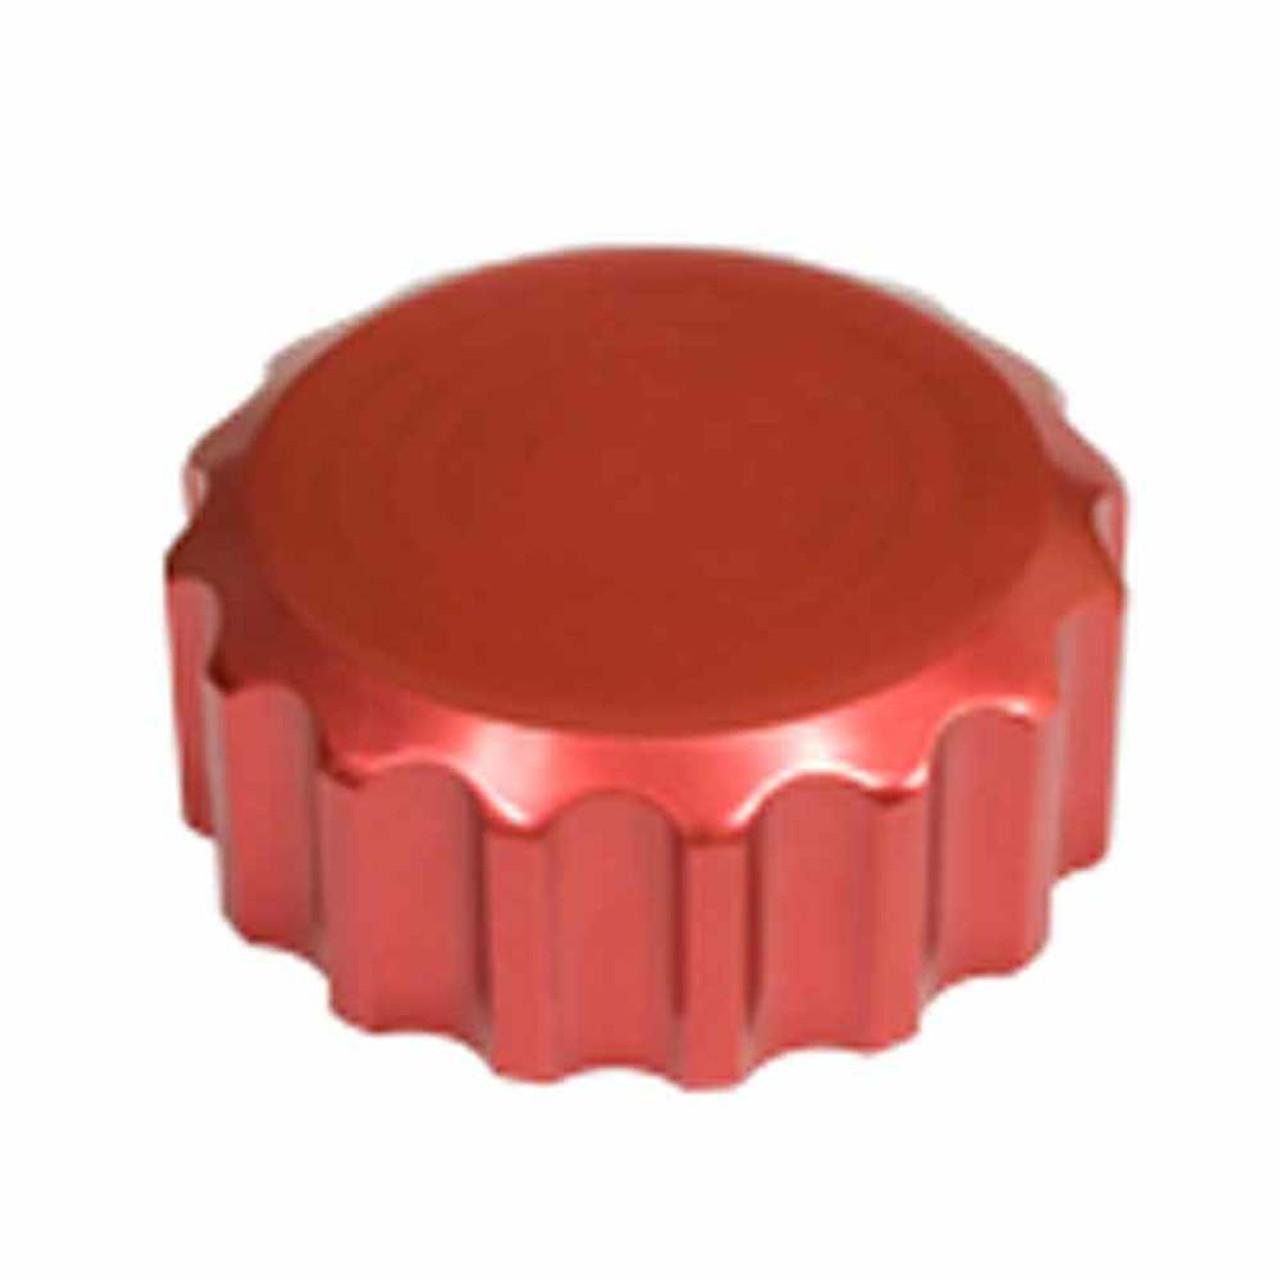 Billet Red Oil Filler Cap w/ Grooves  VW, Bug, Beetle EMPI 18-1079